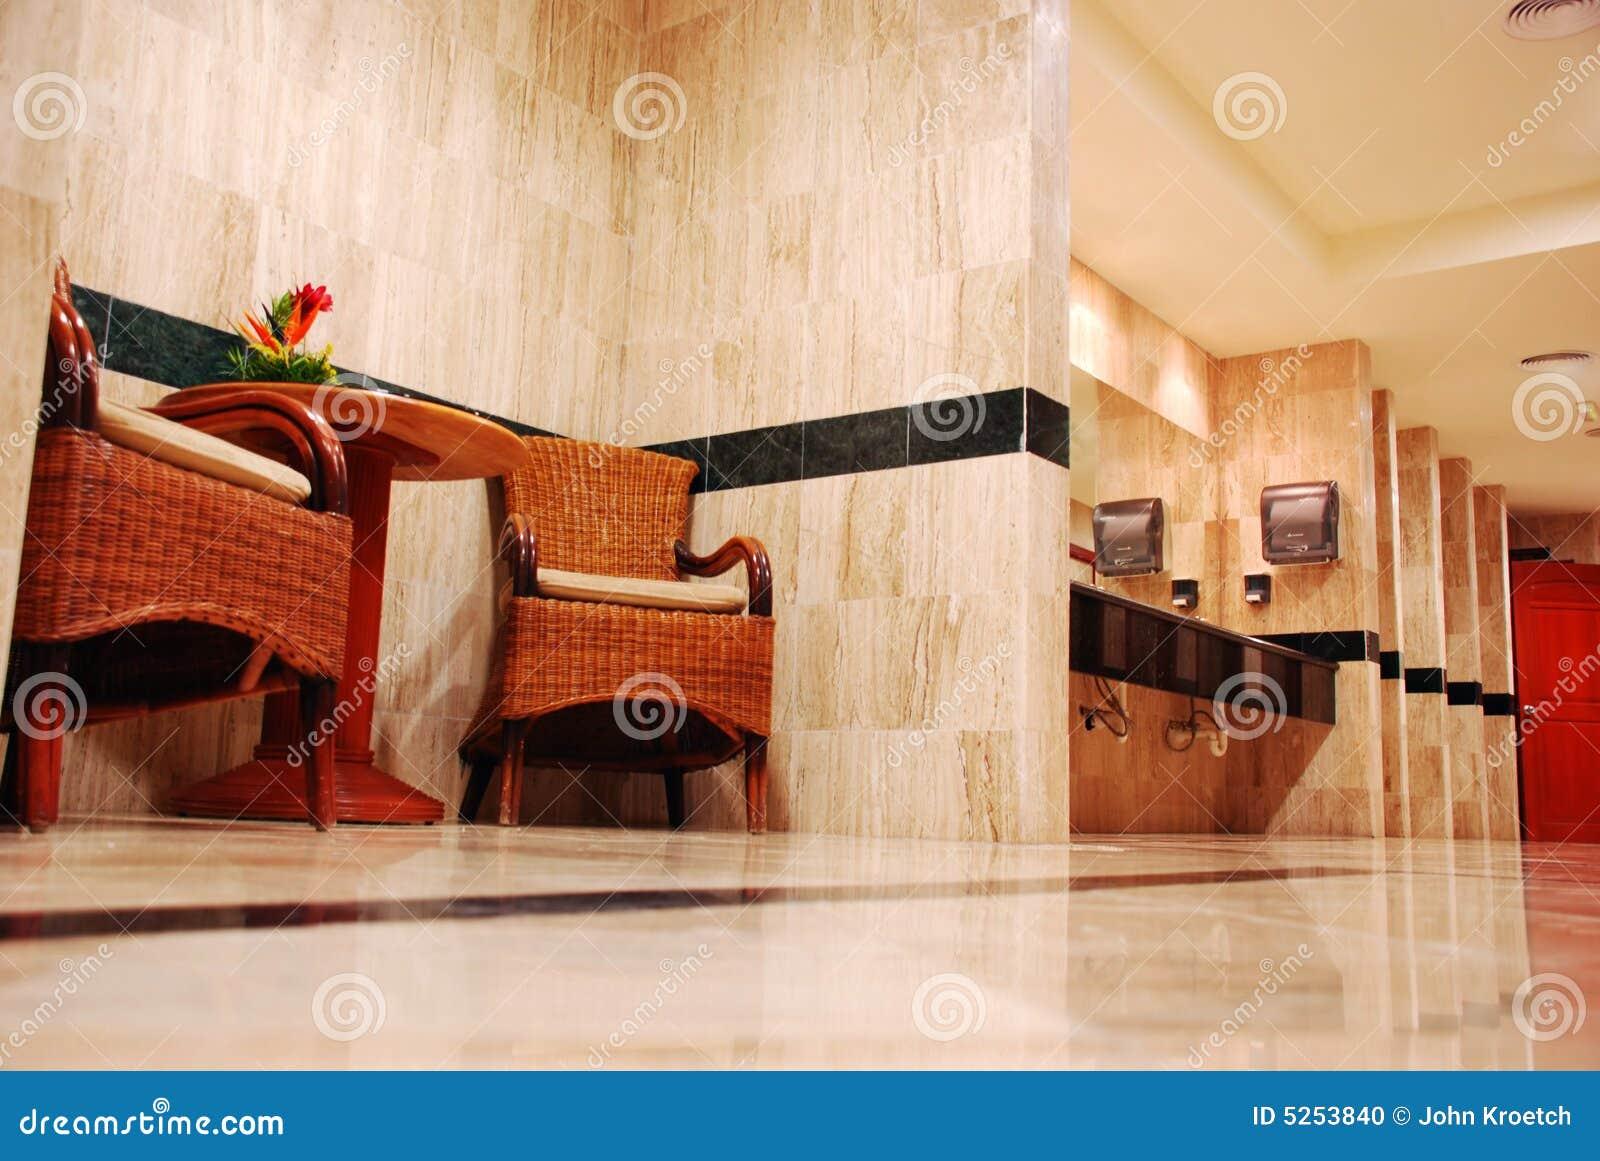 Um banheiro público de mármore completo com as cadeiras de vime na  #B43B17 1300 960